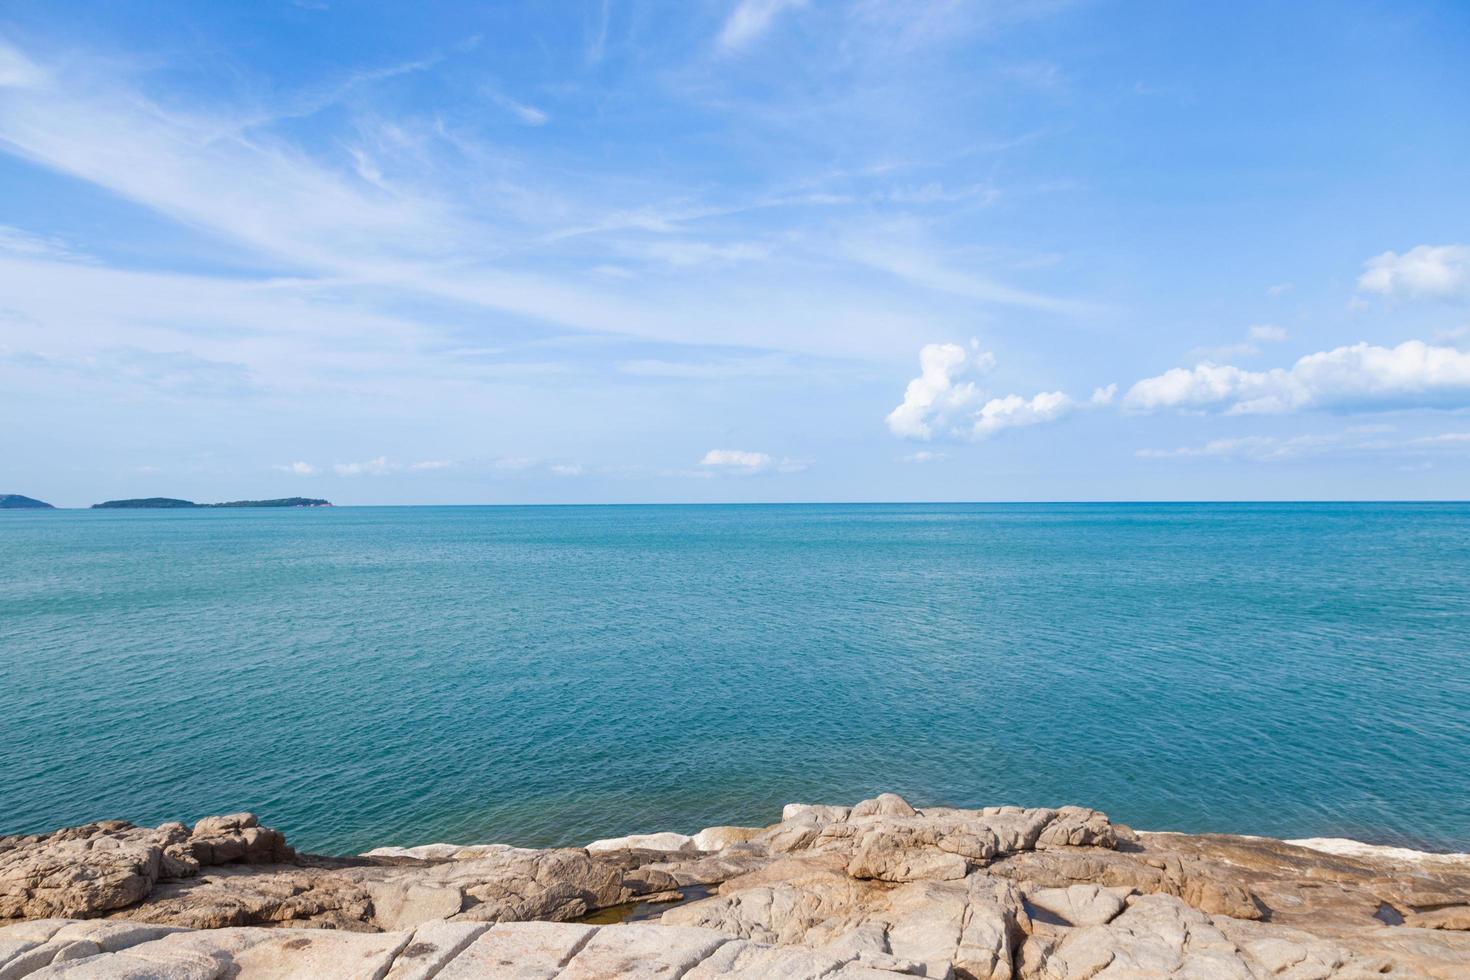 spiaggia rocciosa e mare in Thailandia foto